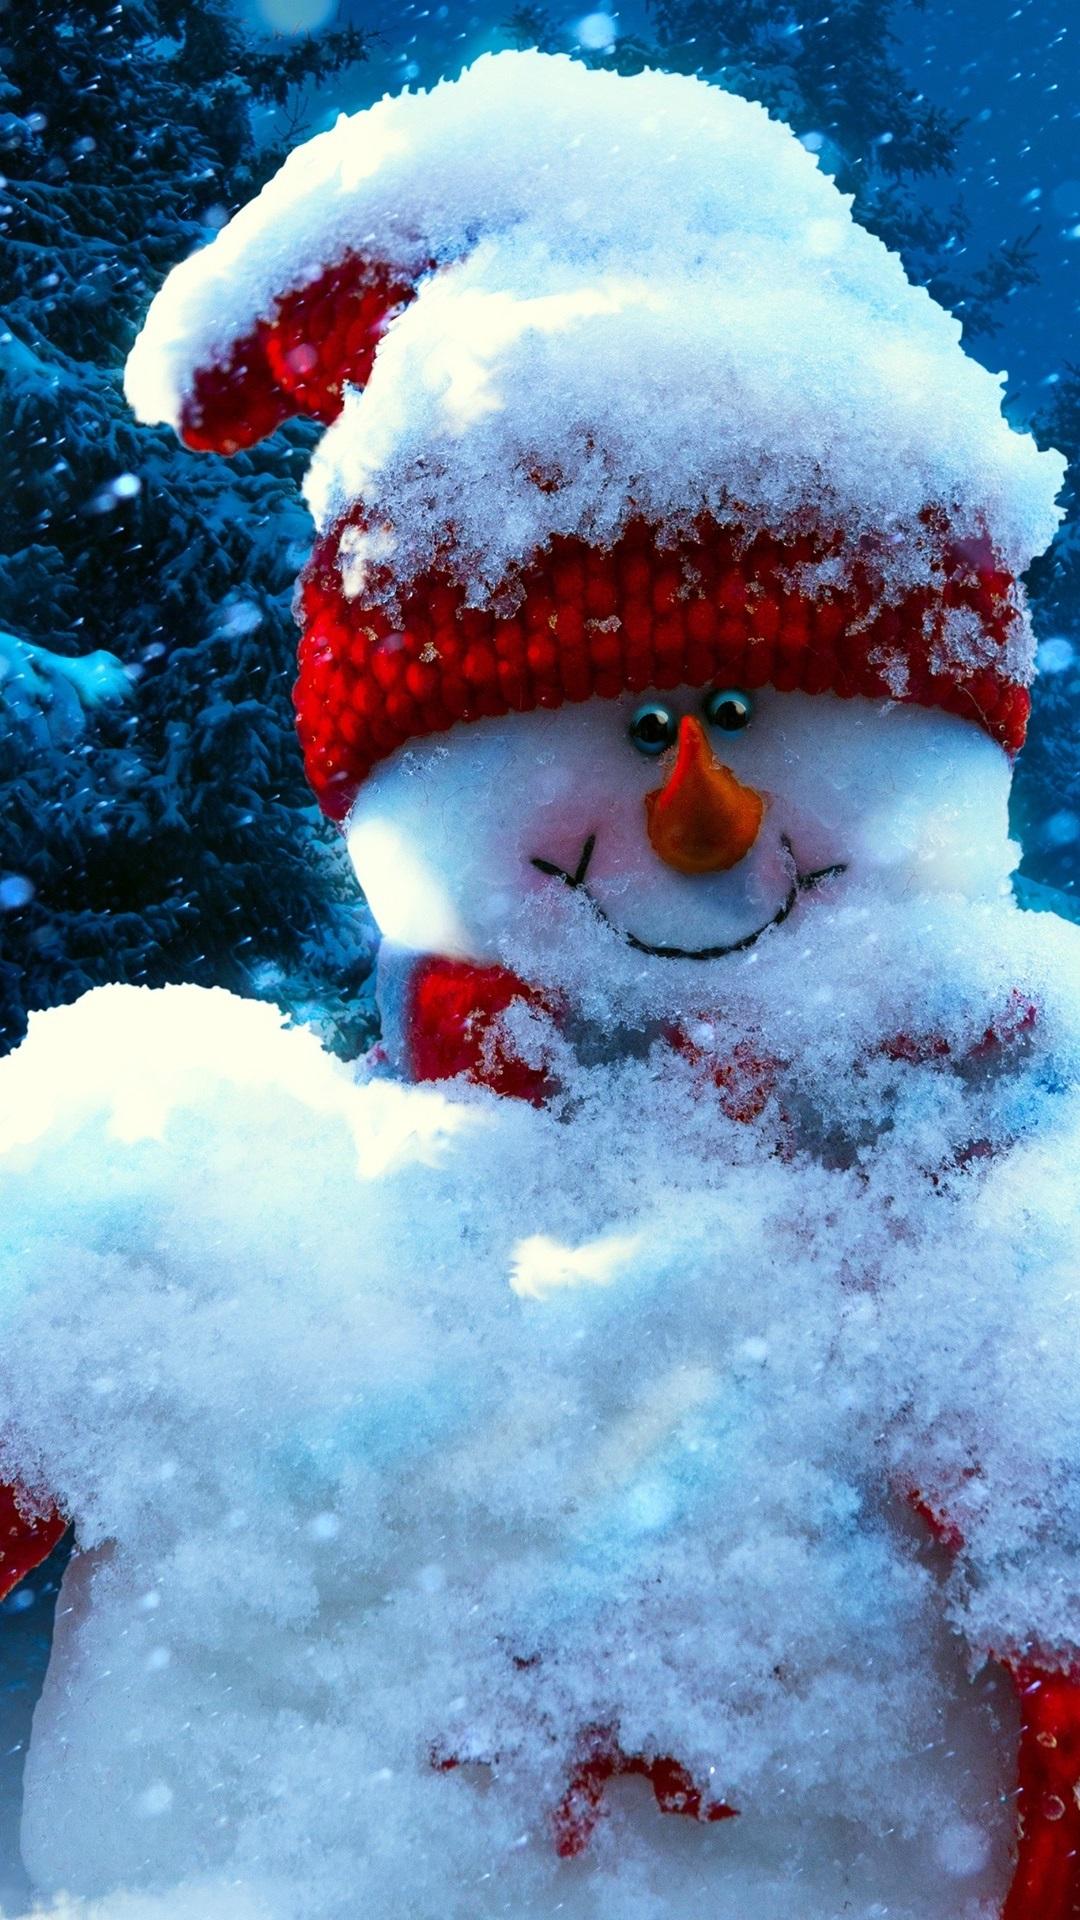 クリスマス 正月 雪だるま 冬 1080x1920 Iphone 8 7 6 6s Plus 壁紙